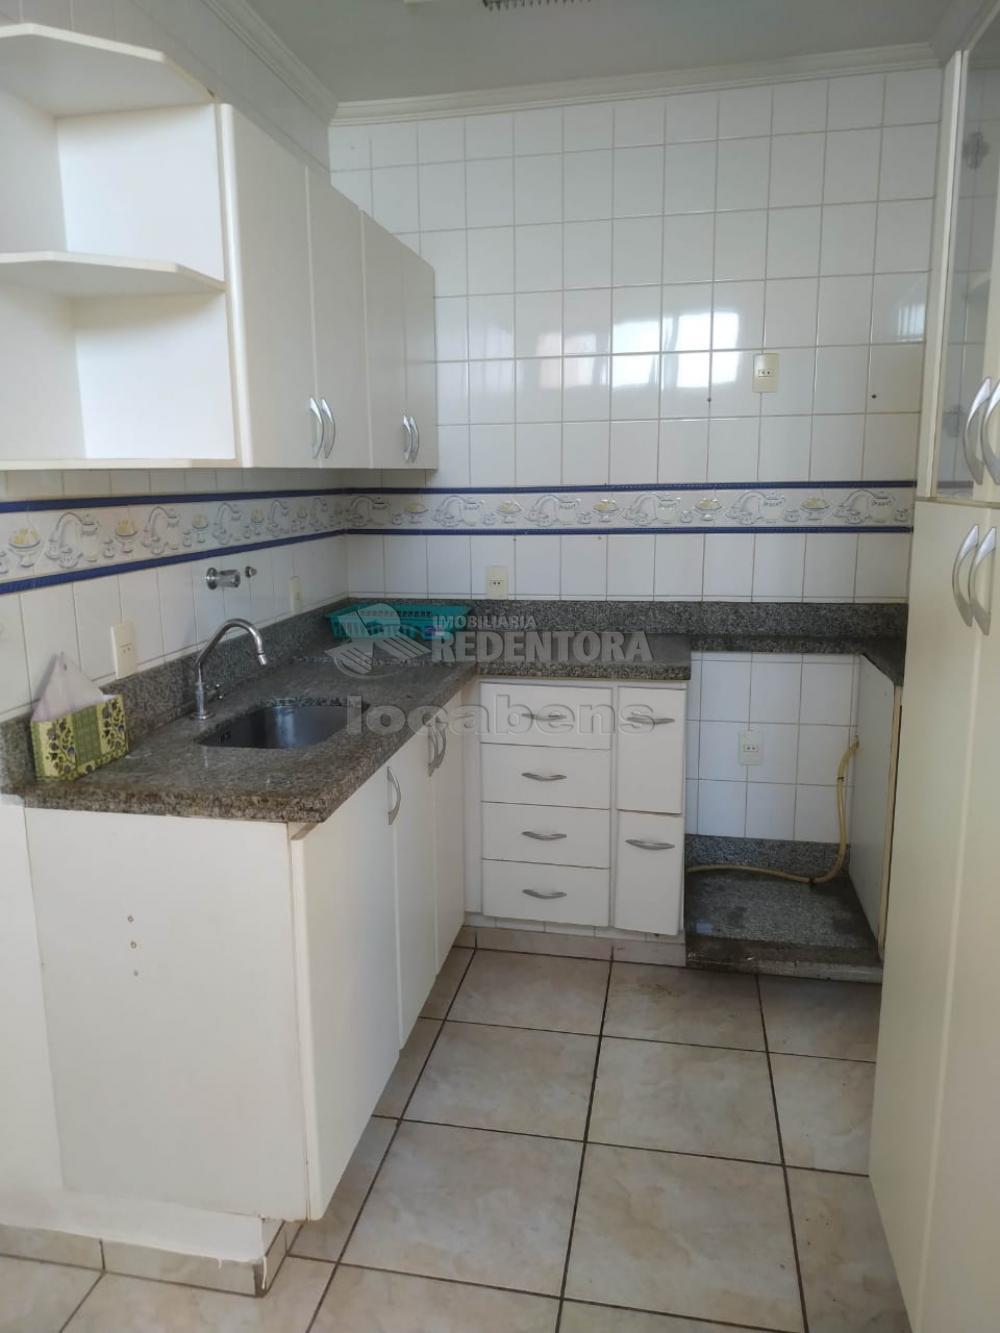 Comprar Apartamento / Padrão em São José do Rio Preto apenas R$ 350.000,00 - Foto 7